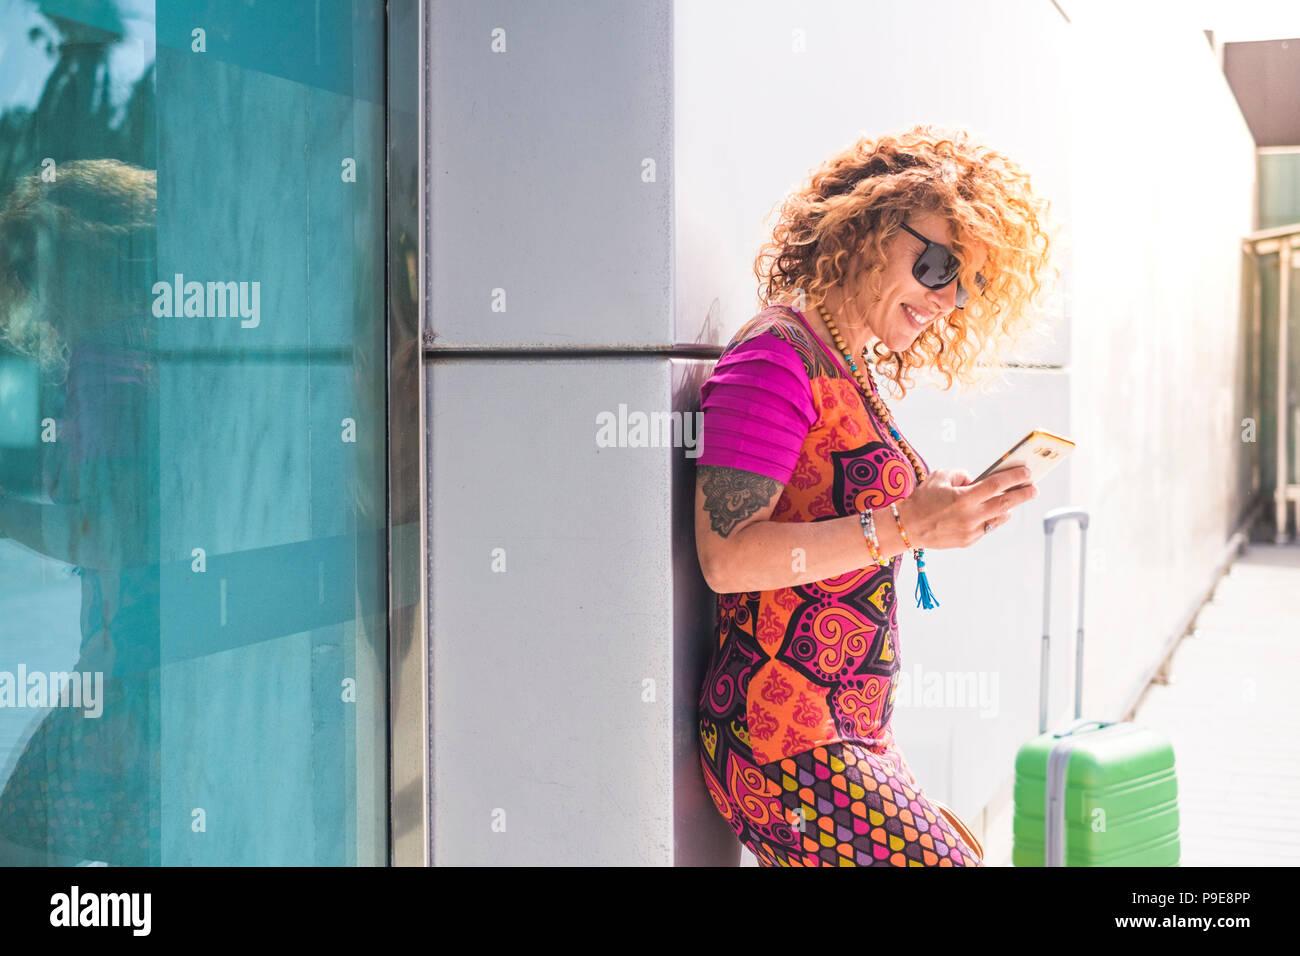 Bella giovane femmina al di fuori dell'aeroporto utilizzando il telefono cellulare con la messaggistica internet . in piedi con i bagagli. affari o vacanze viaggi concetto fo Immagini Stock